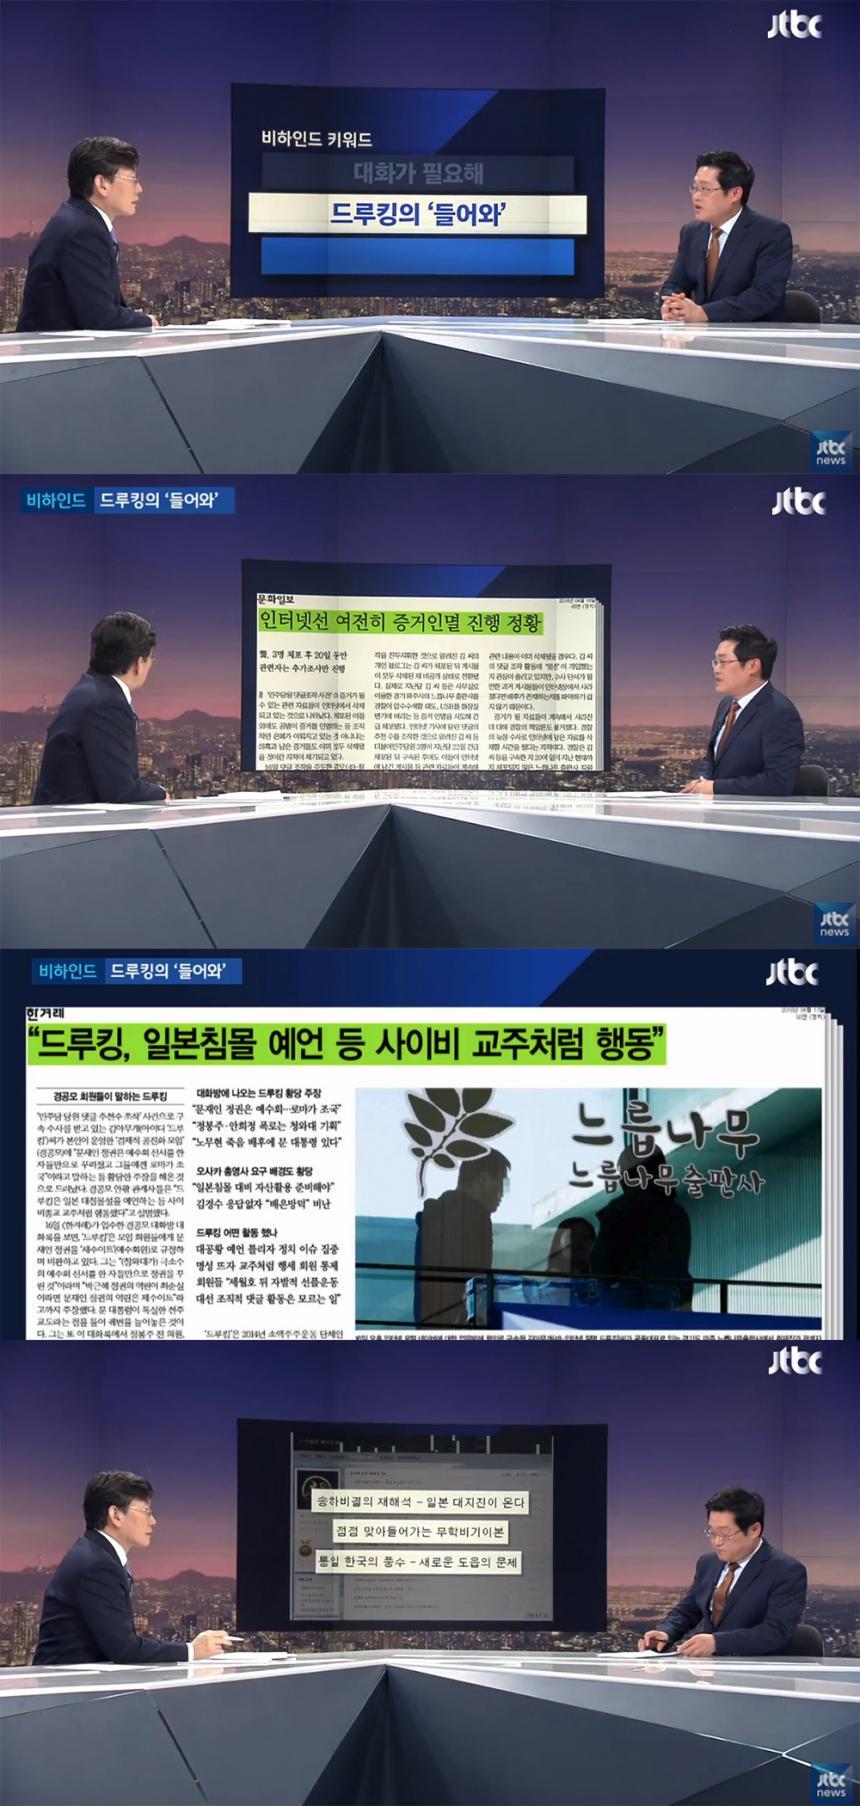 JTBC 뉴스룸 방송 캡처